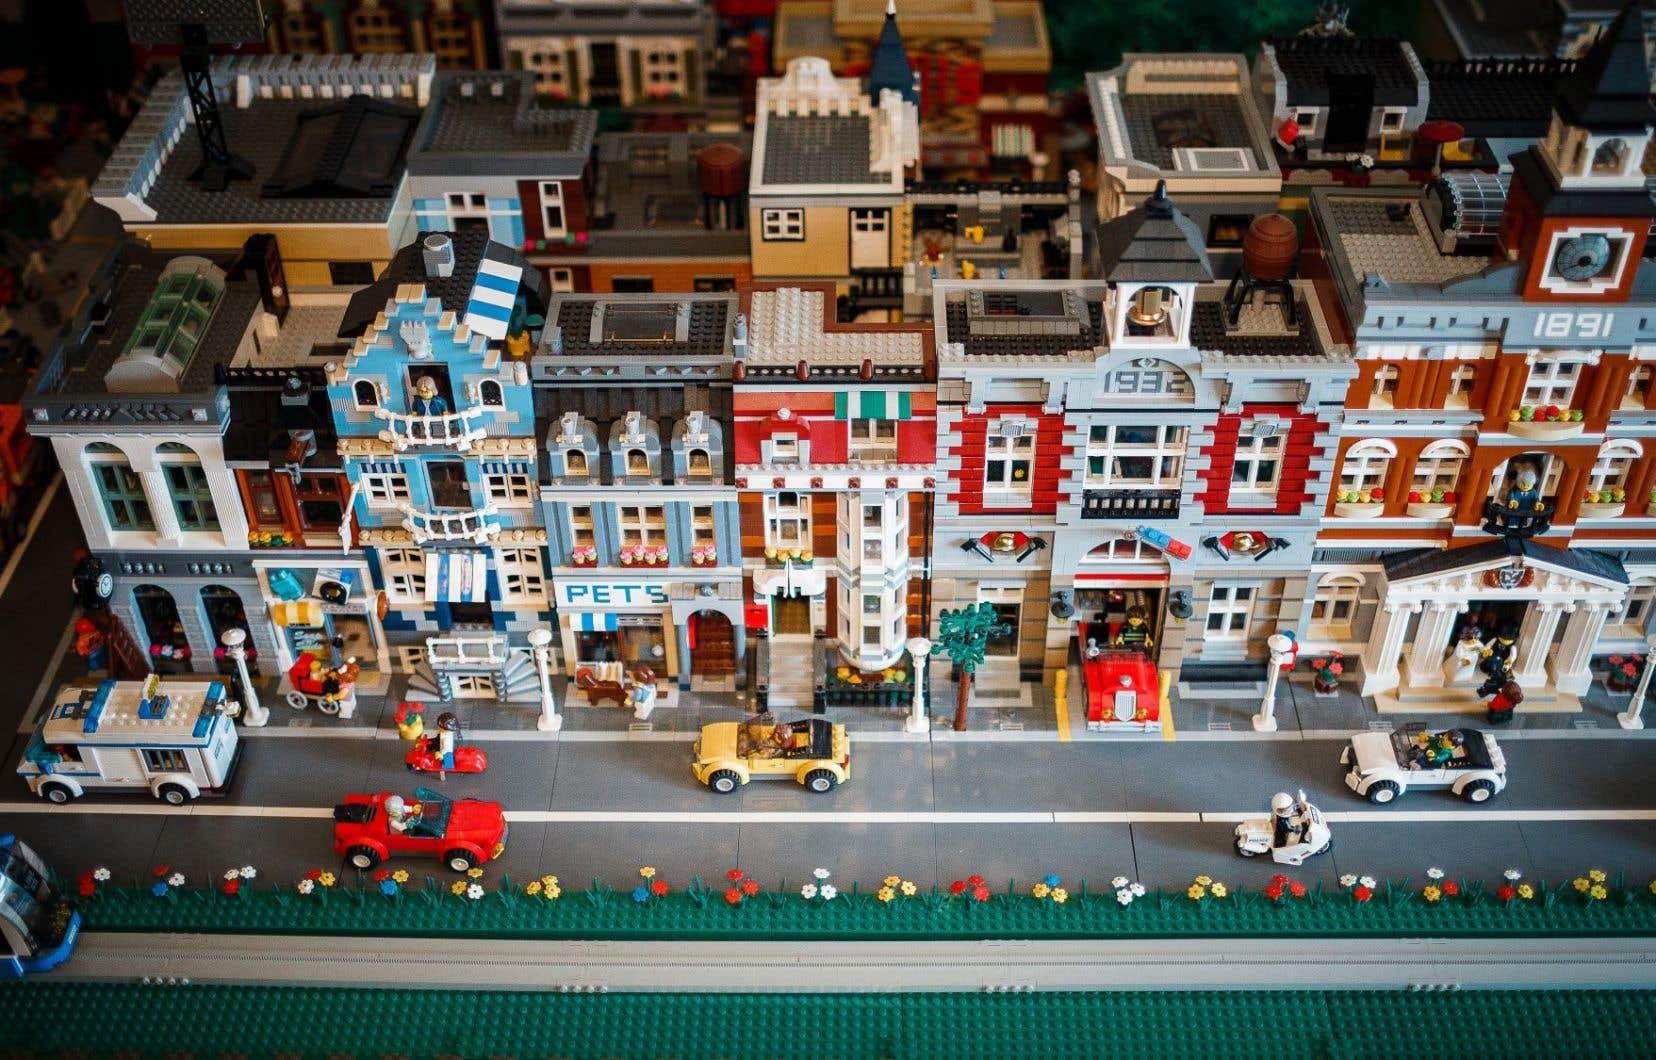 Luce Brault et Bernard Paquet ont reconstitué une ville entière en Lego. Tout y est: une station-service, une buanderie, une banque, une caserne de pompiers, des maisons et des personnages.